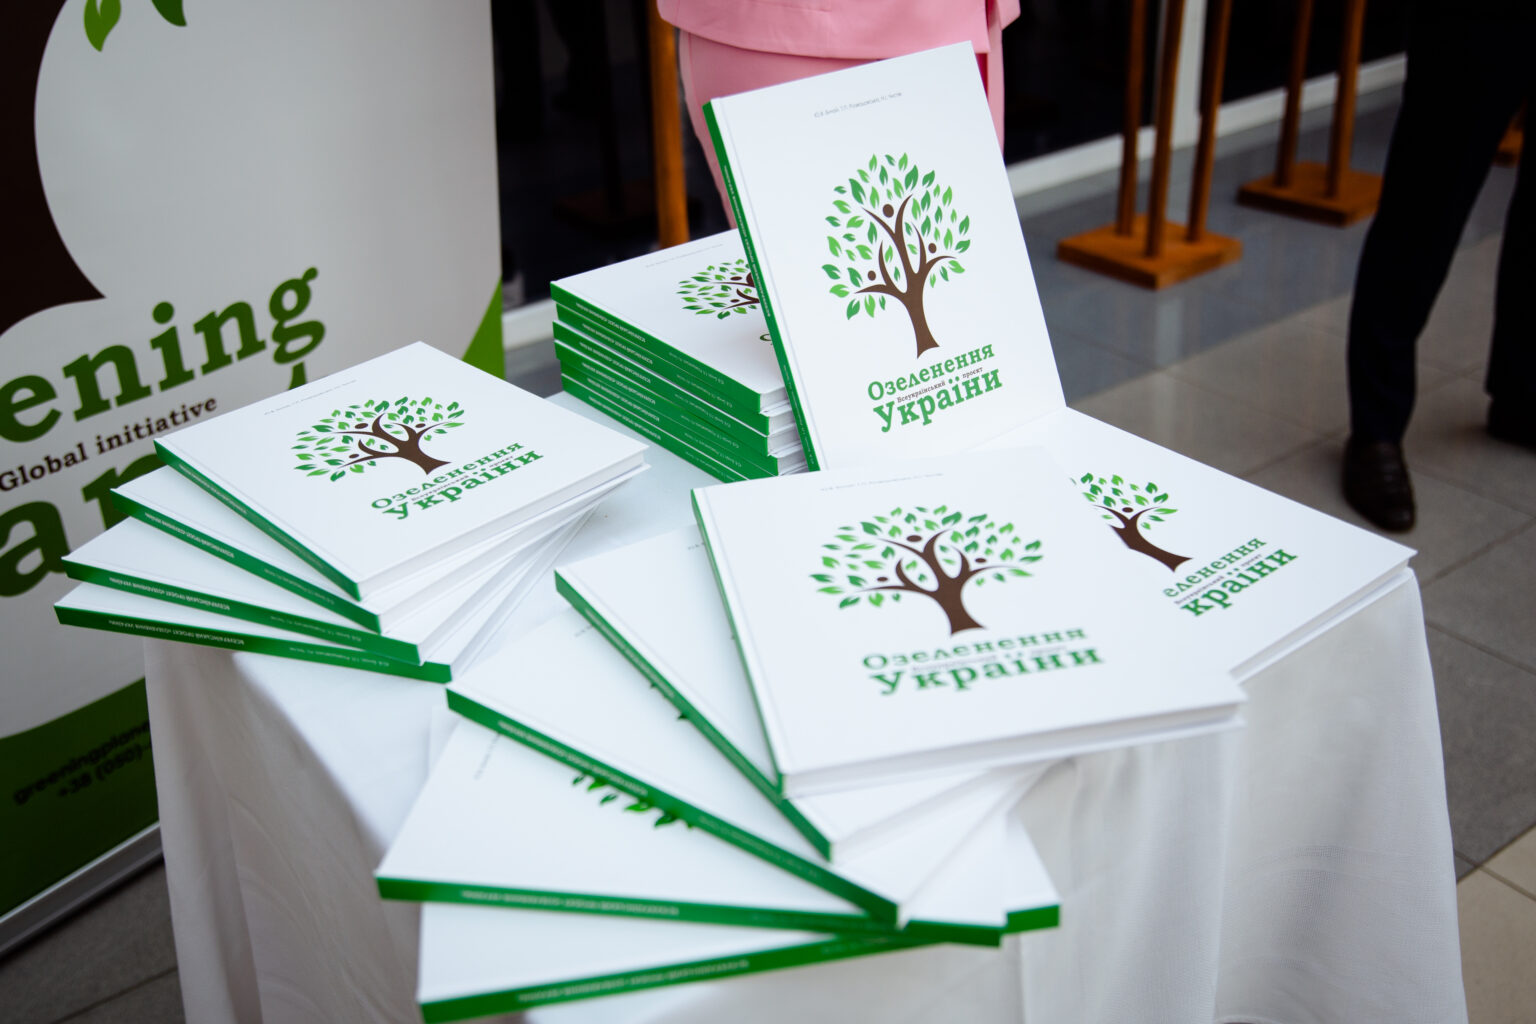 Відеоробота присвячена презентації книги екологічного проєкту «Озеленення України»